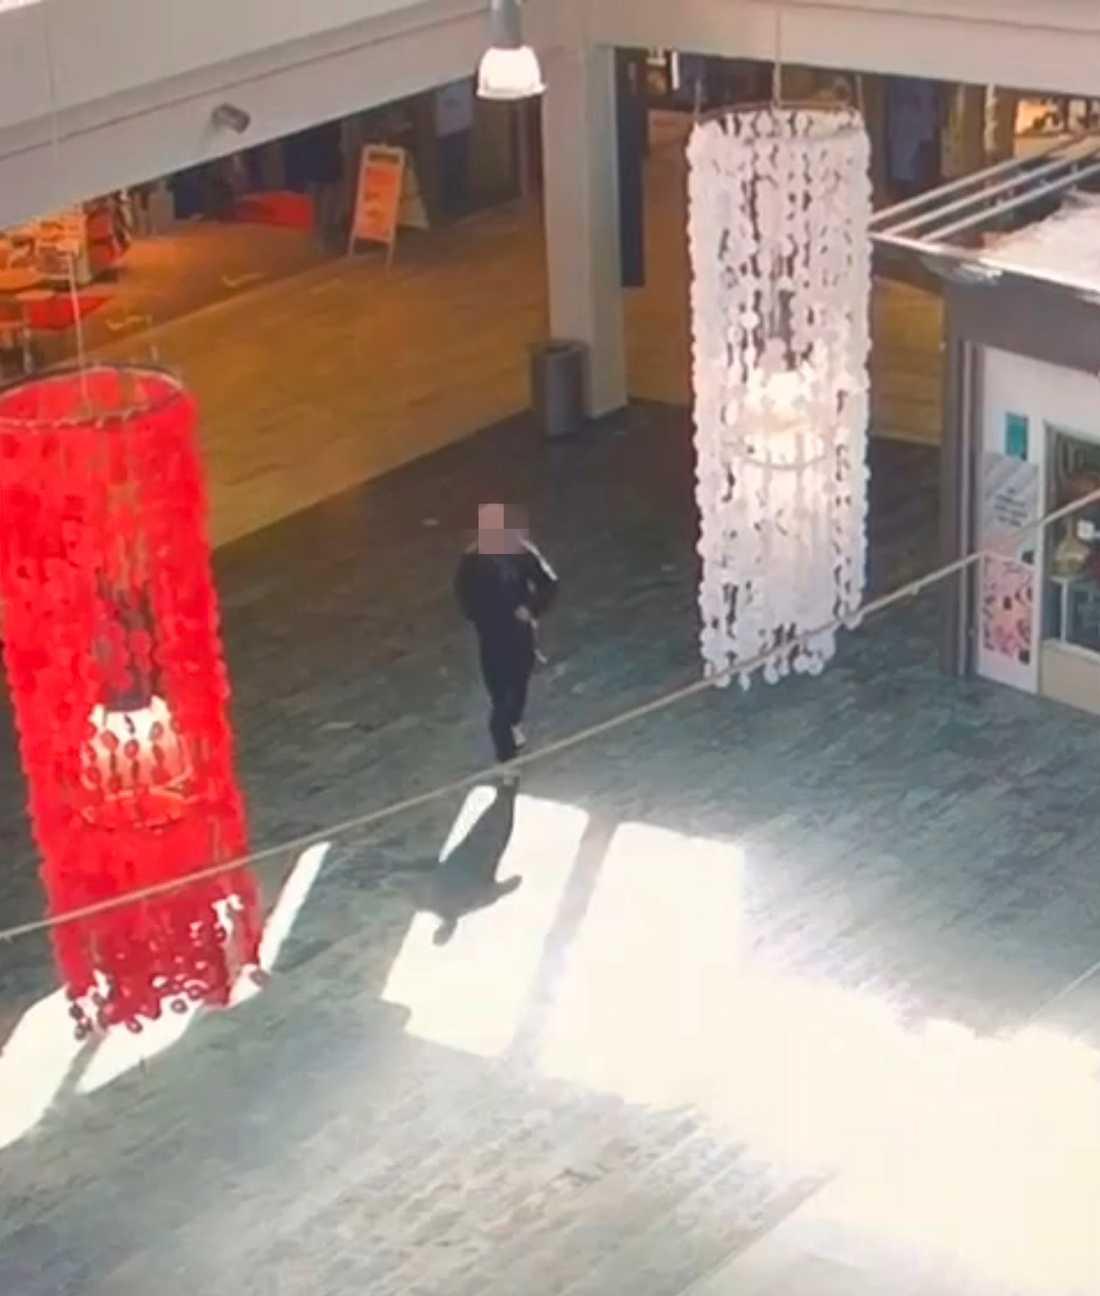 Mannen syns vandra genom ett köpcentrum på övervakningsfilmer.